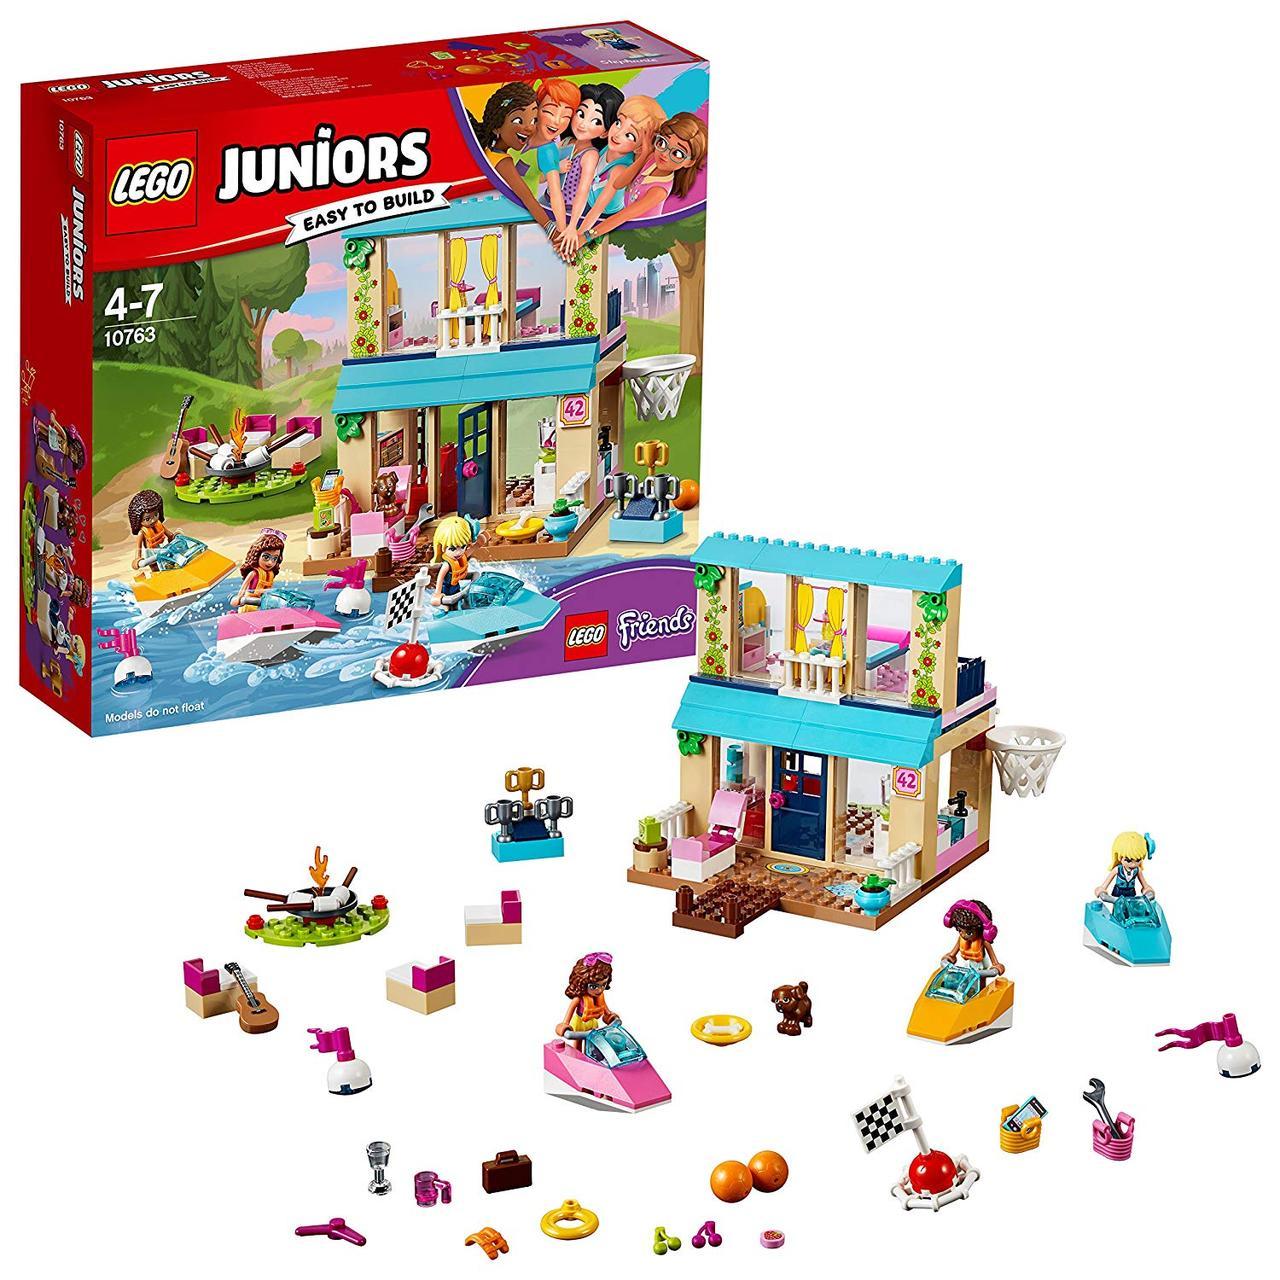 Lego Juniors 10763 Будиночок Стефані біля озера (Конструктор Лего Джуниорс Будиночок Стефані біля озера)